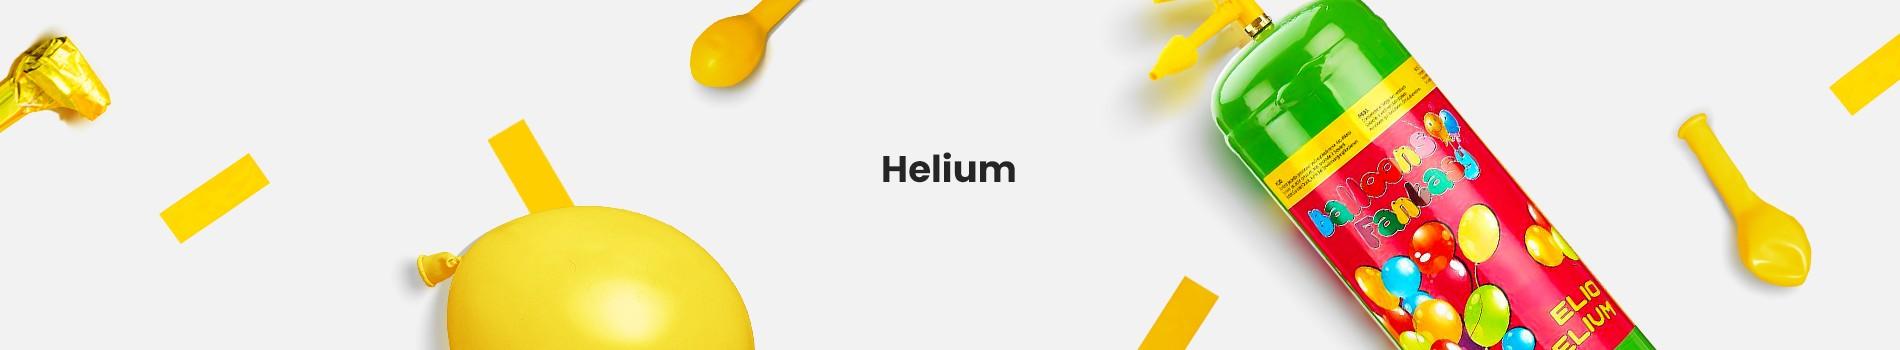 Billig Heliumtub | Perfekt För Ballonger | Leverans till Hela Sverige